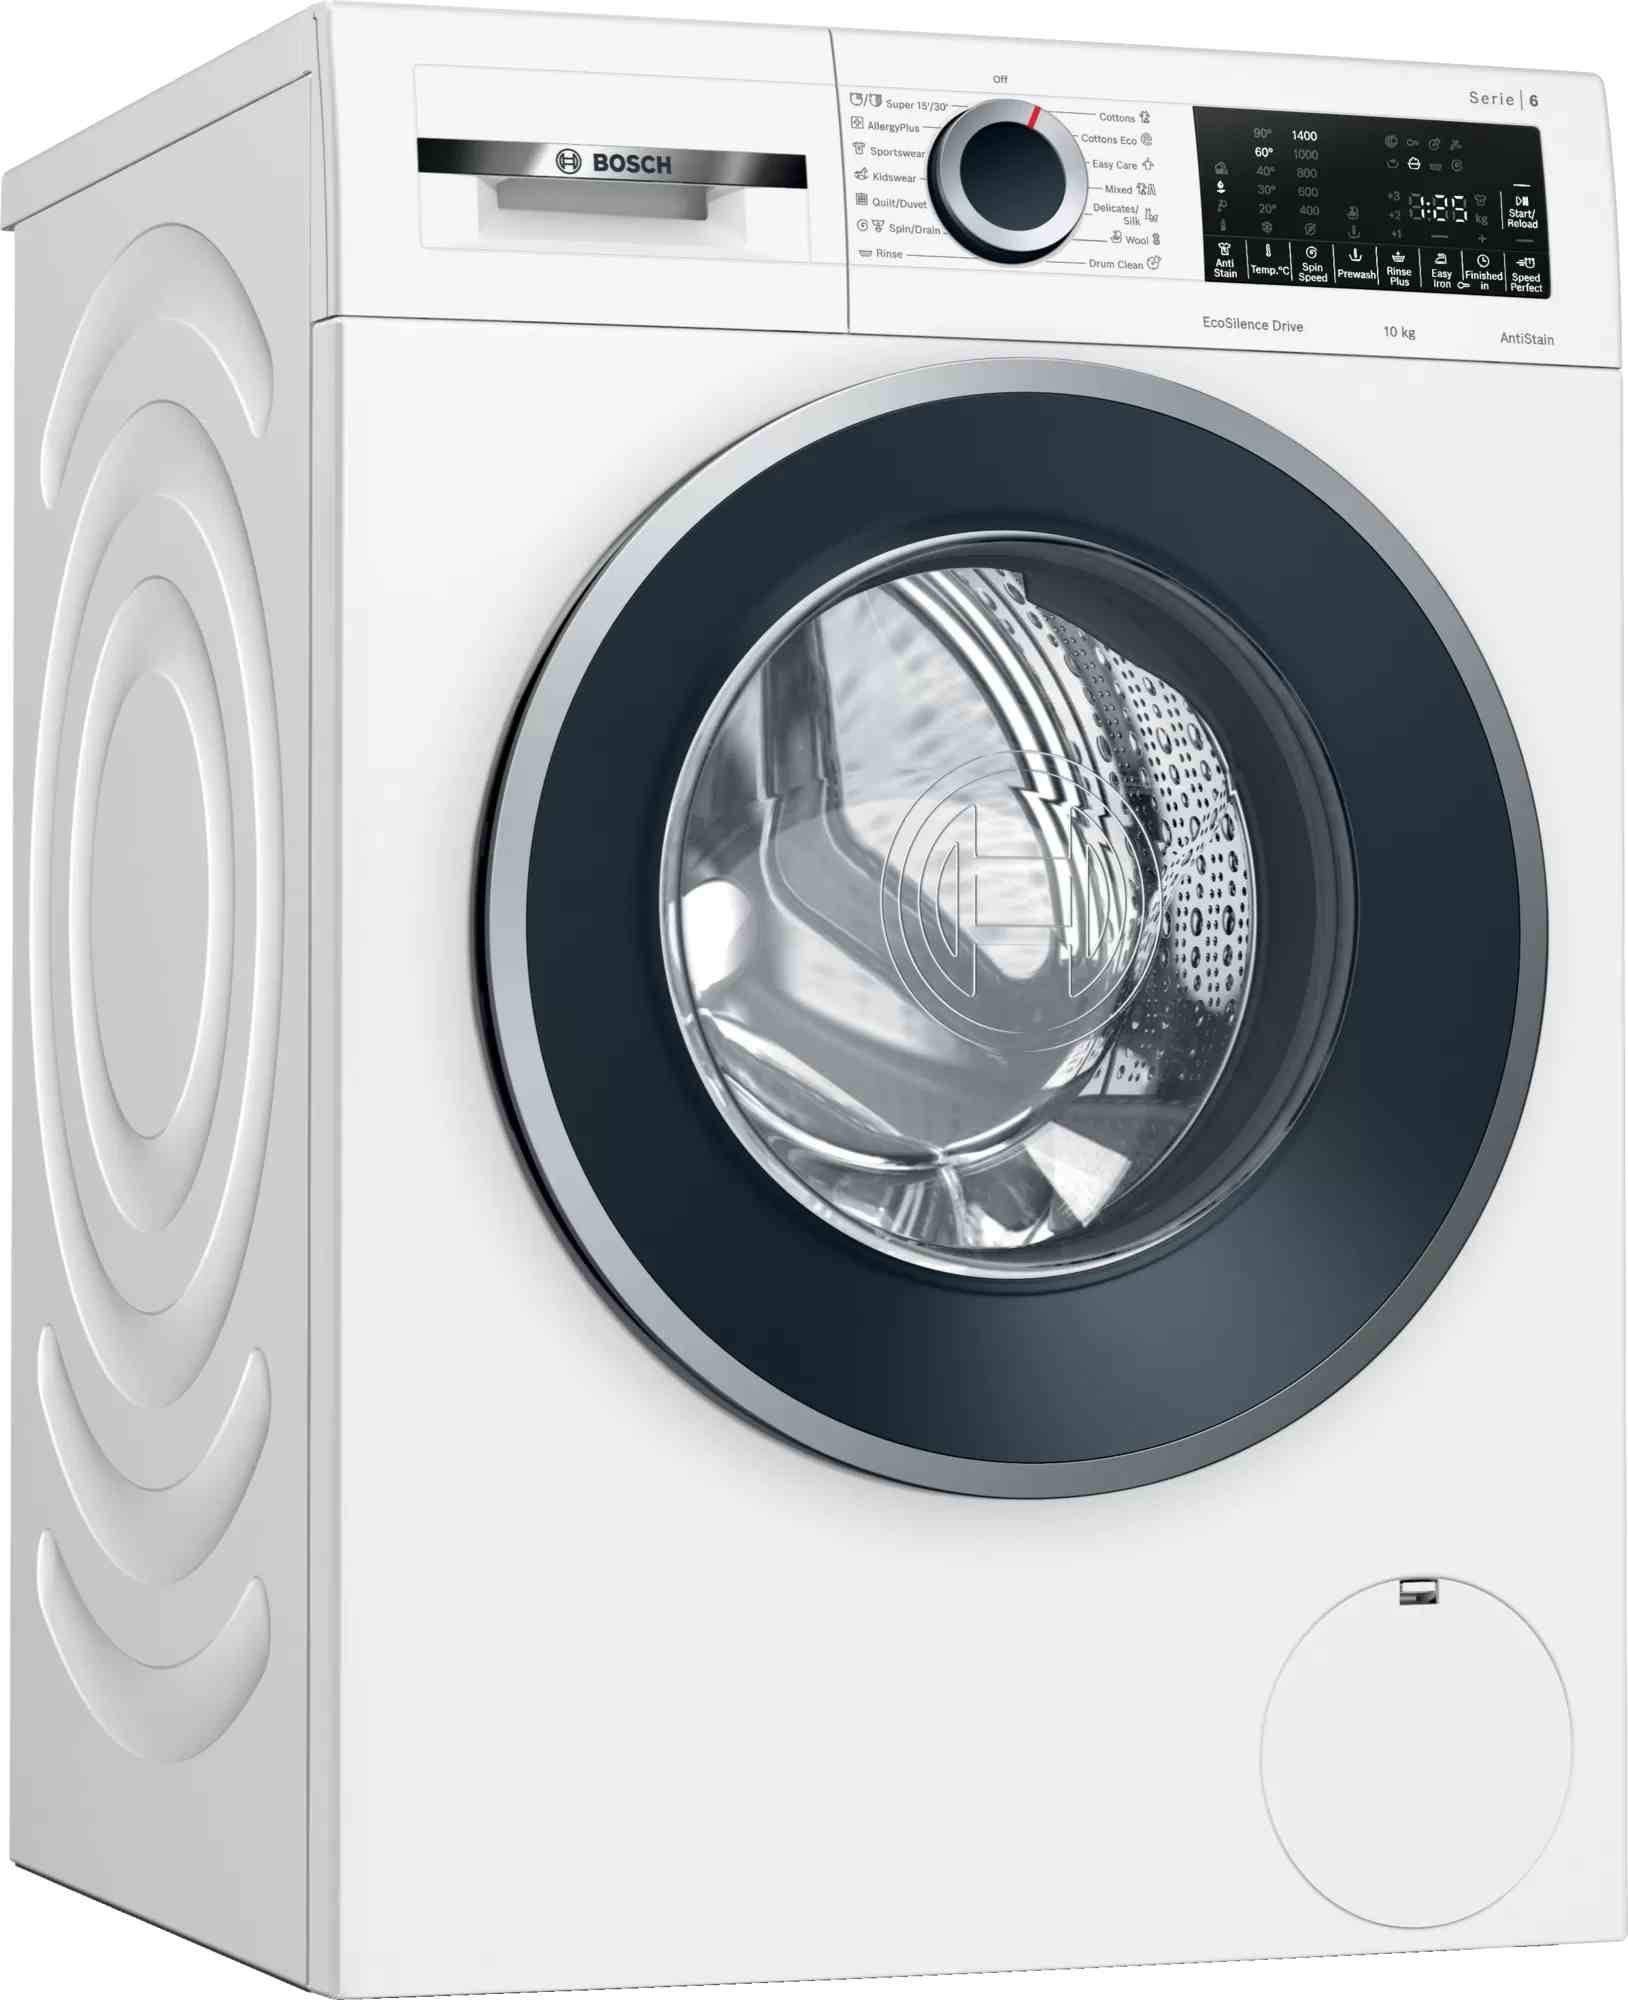 Bosch Serie 6 Washing Machines